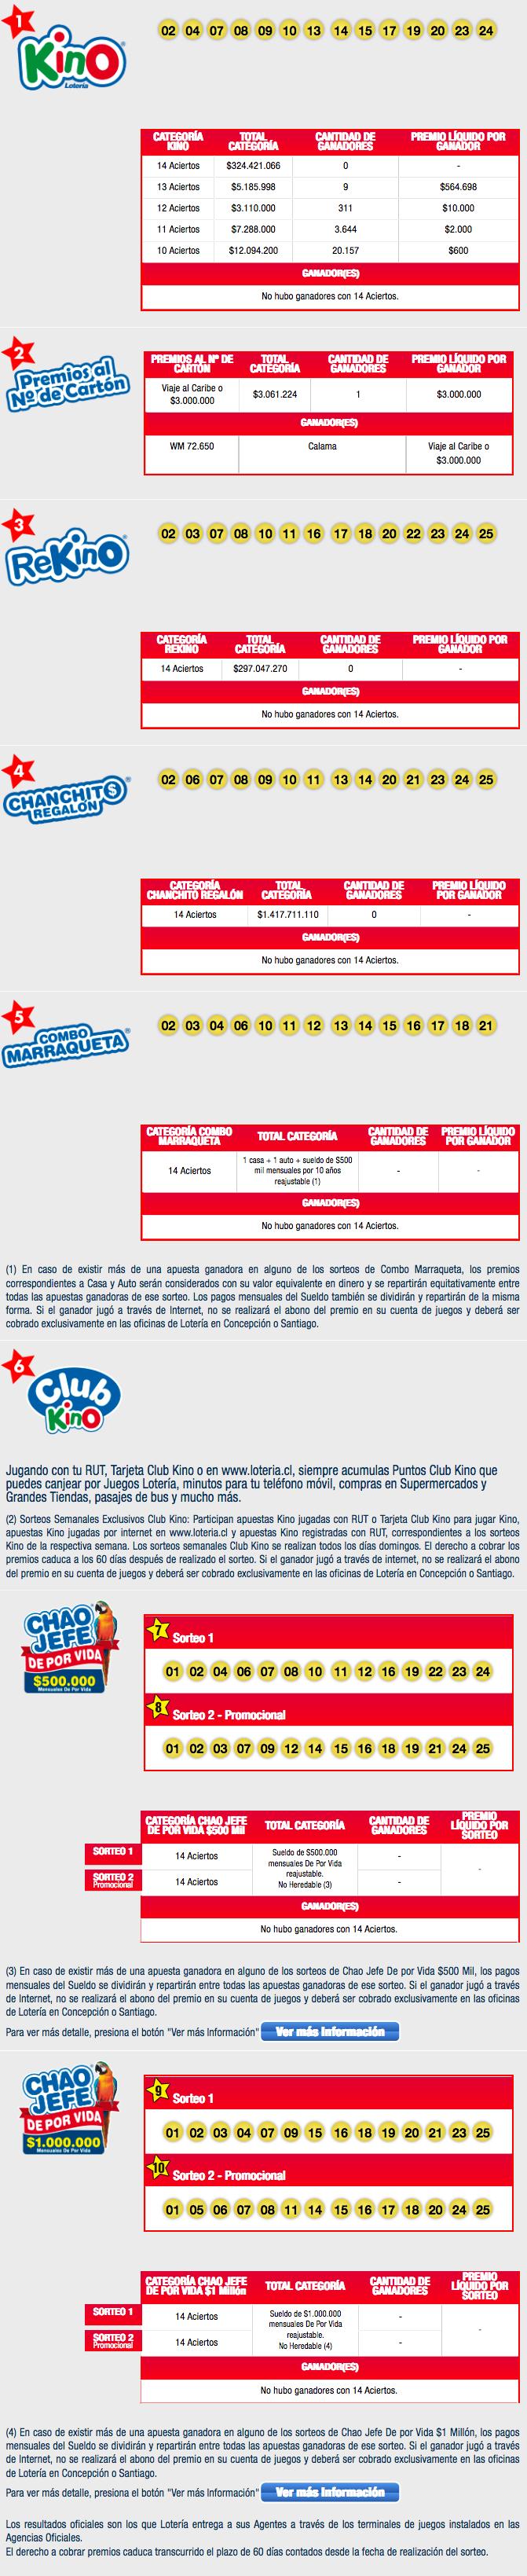 Resultados Completos Kino Loteria.cl(6)